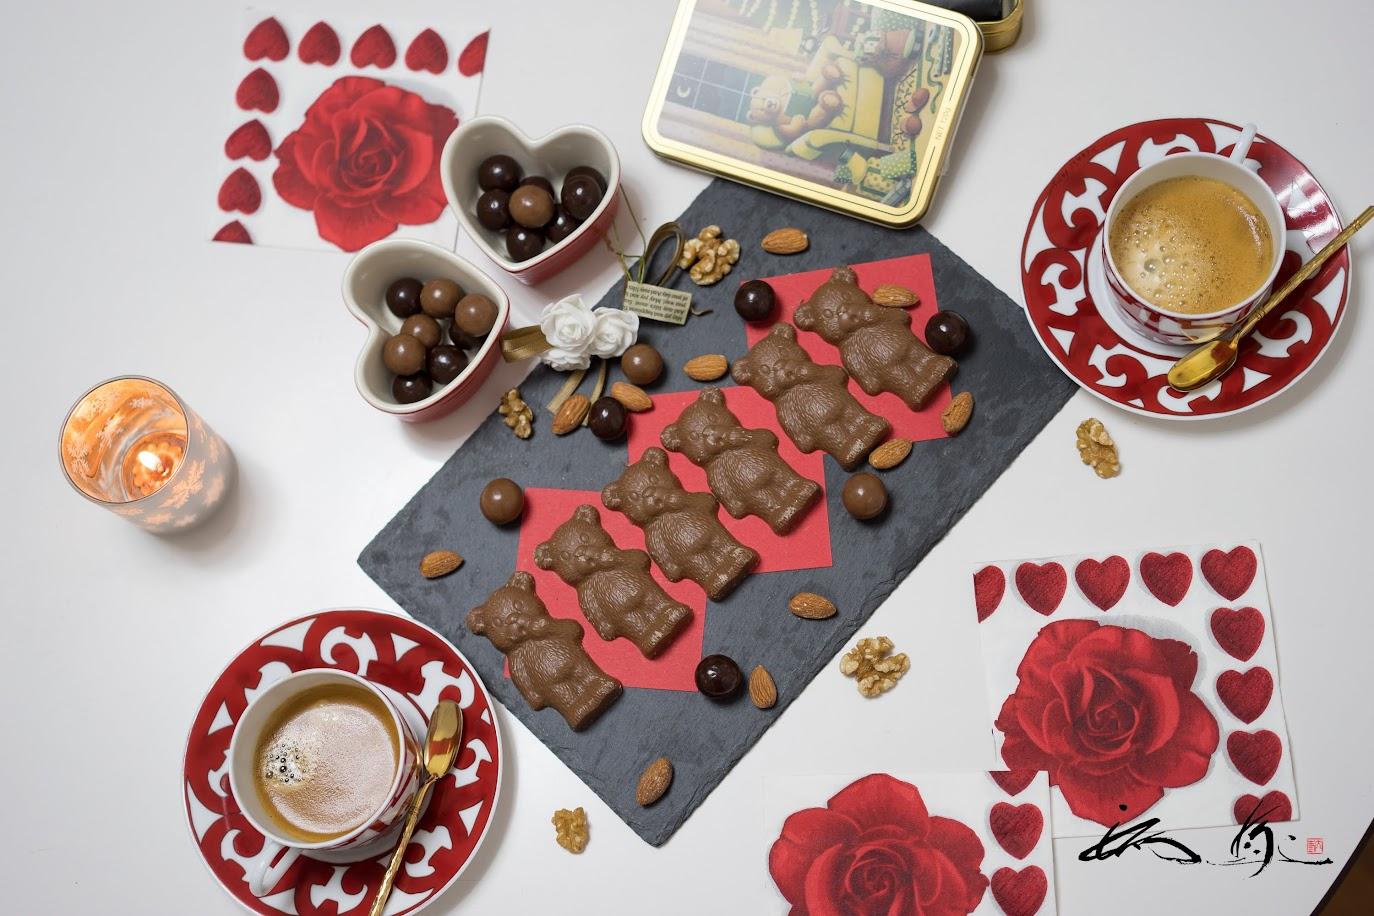 ヘイグスチョコレートでラブリーバレンタインデー